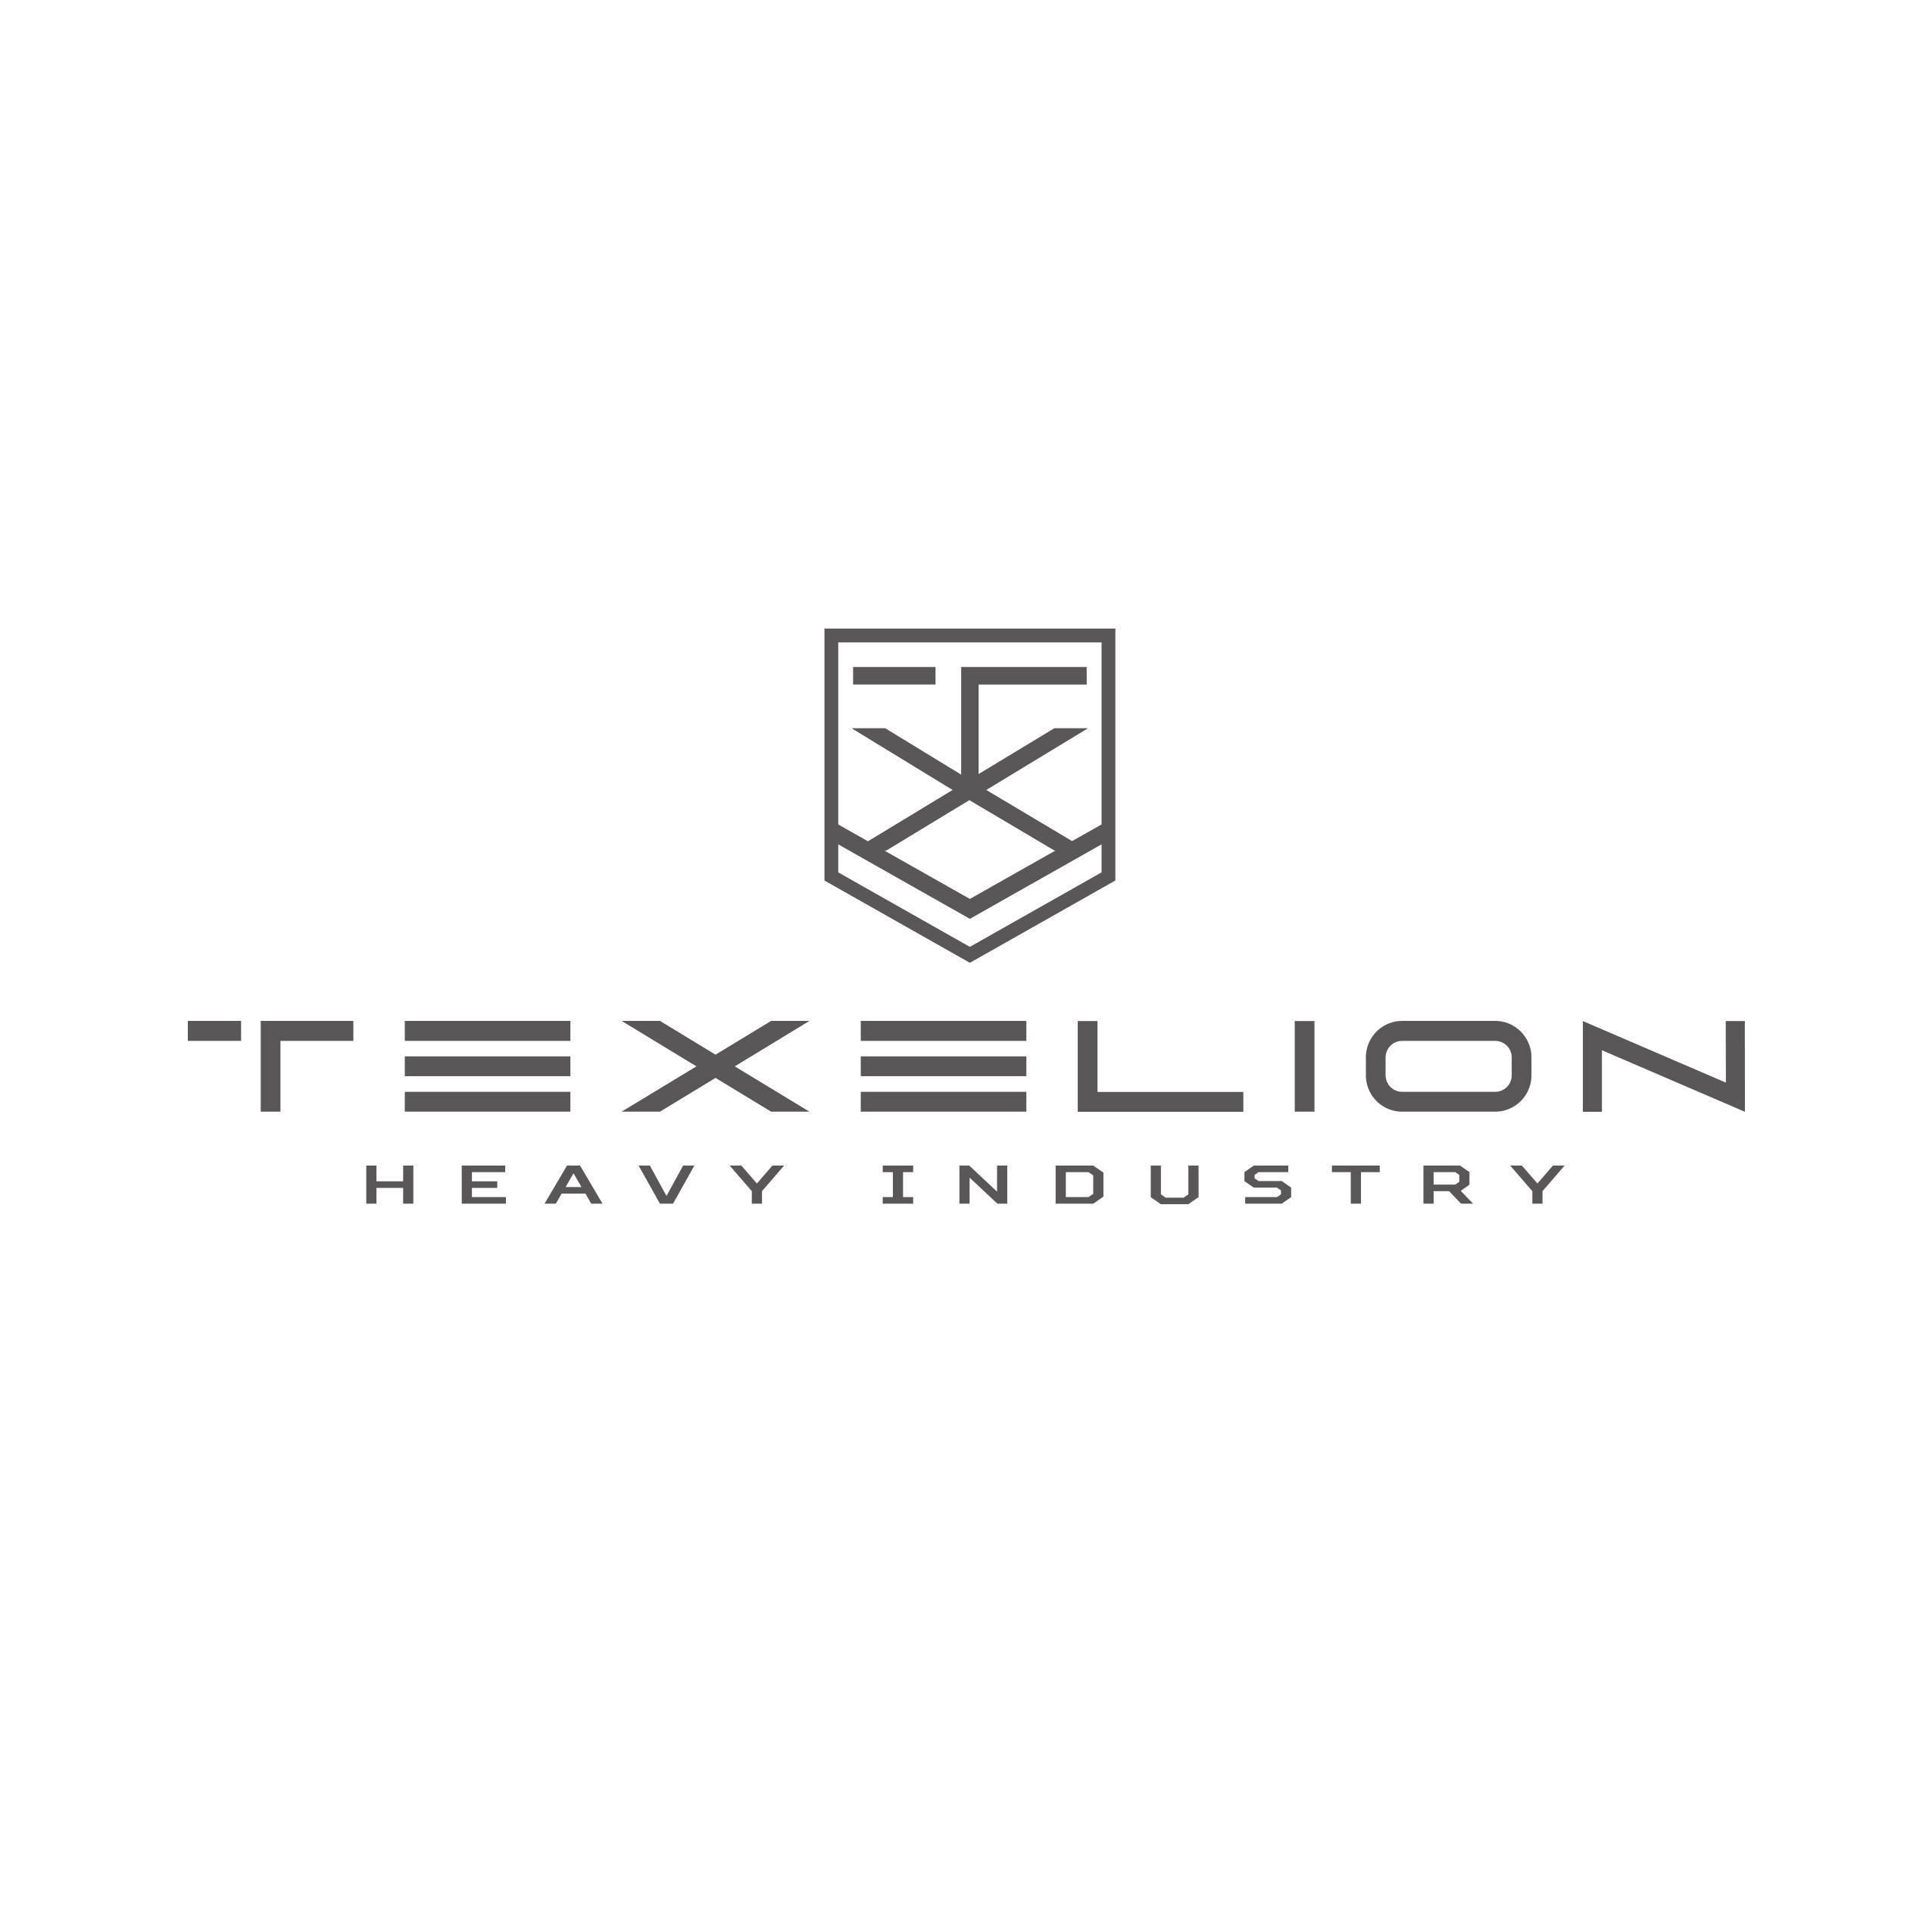 TEXELION